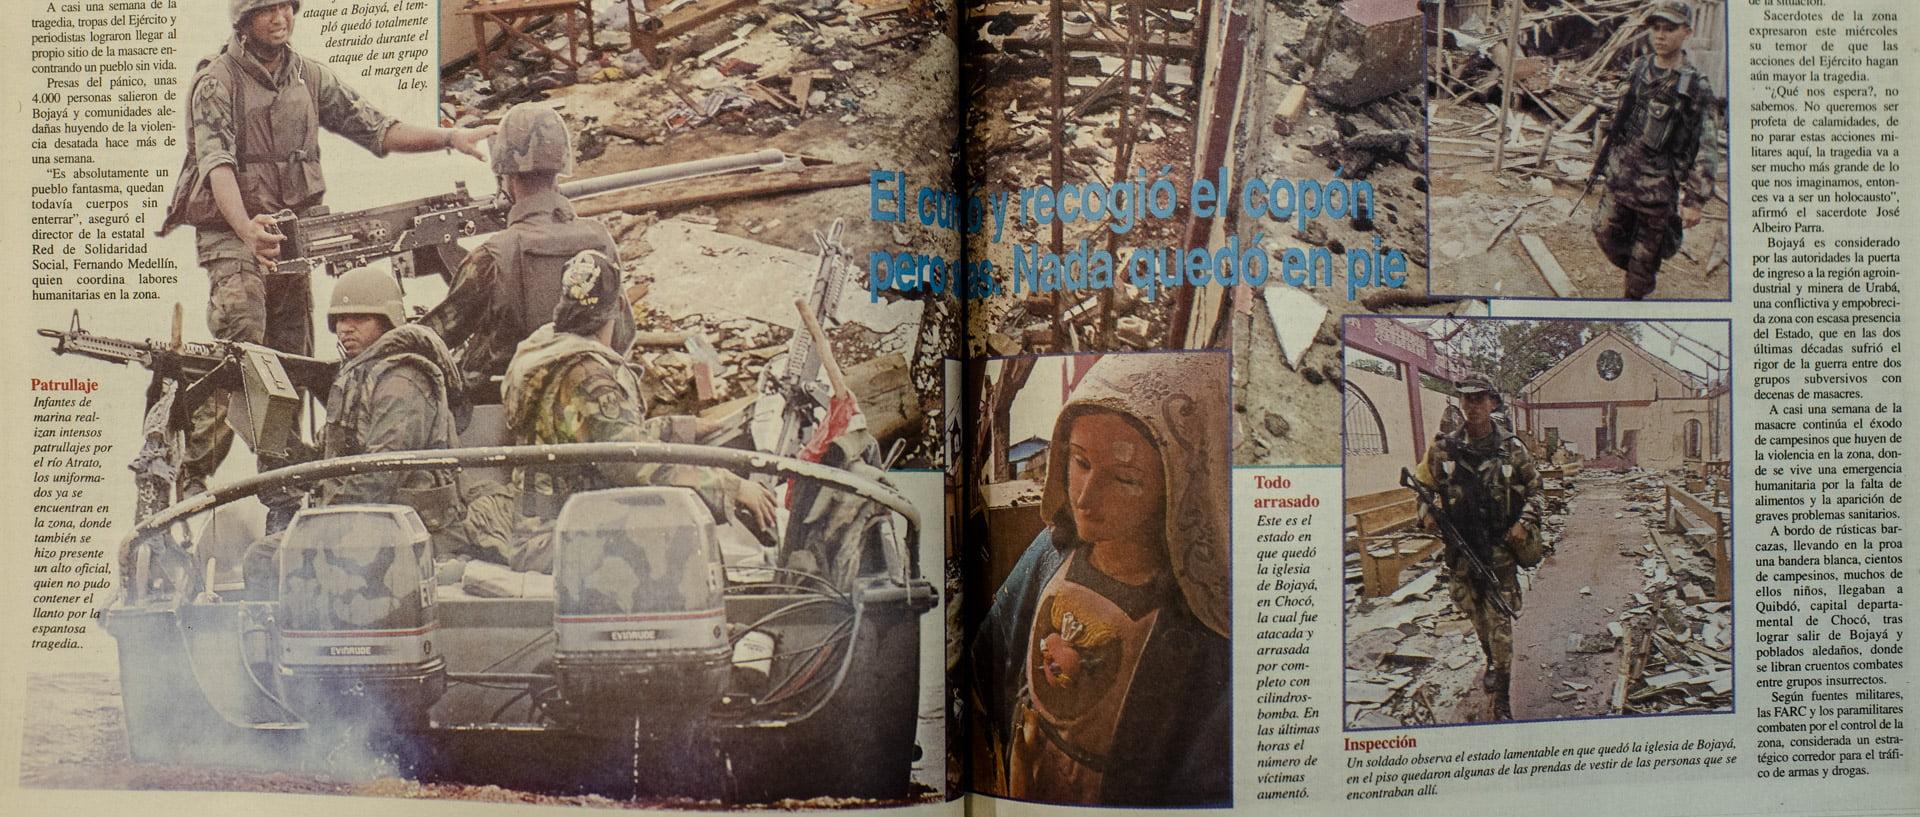 EL ESPACIO, 10 de mayo del 2002